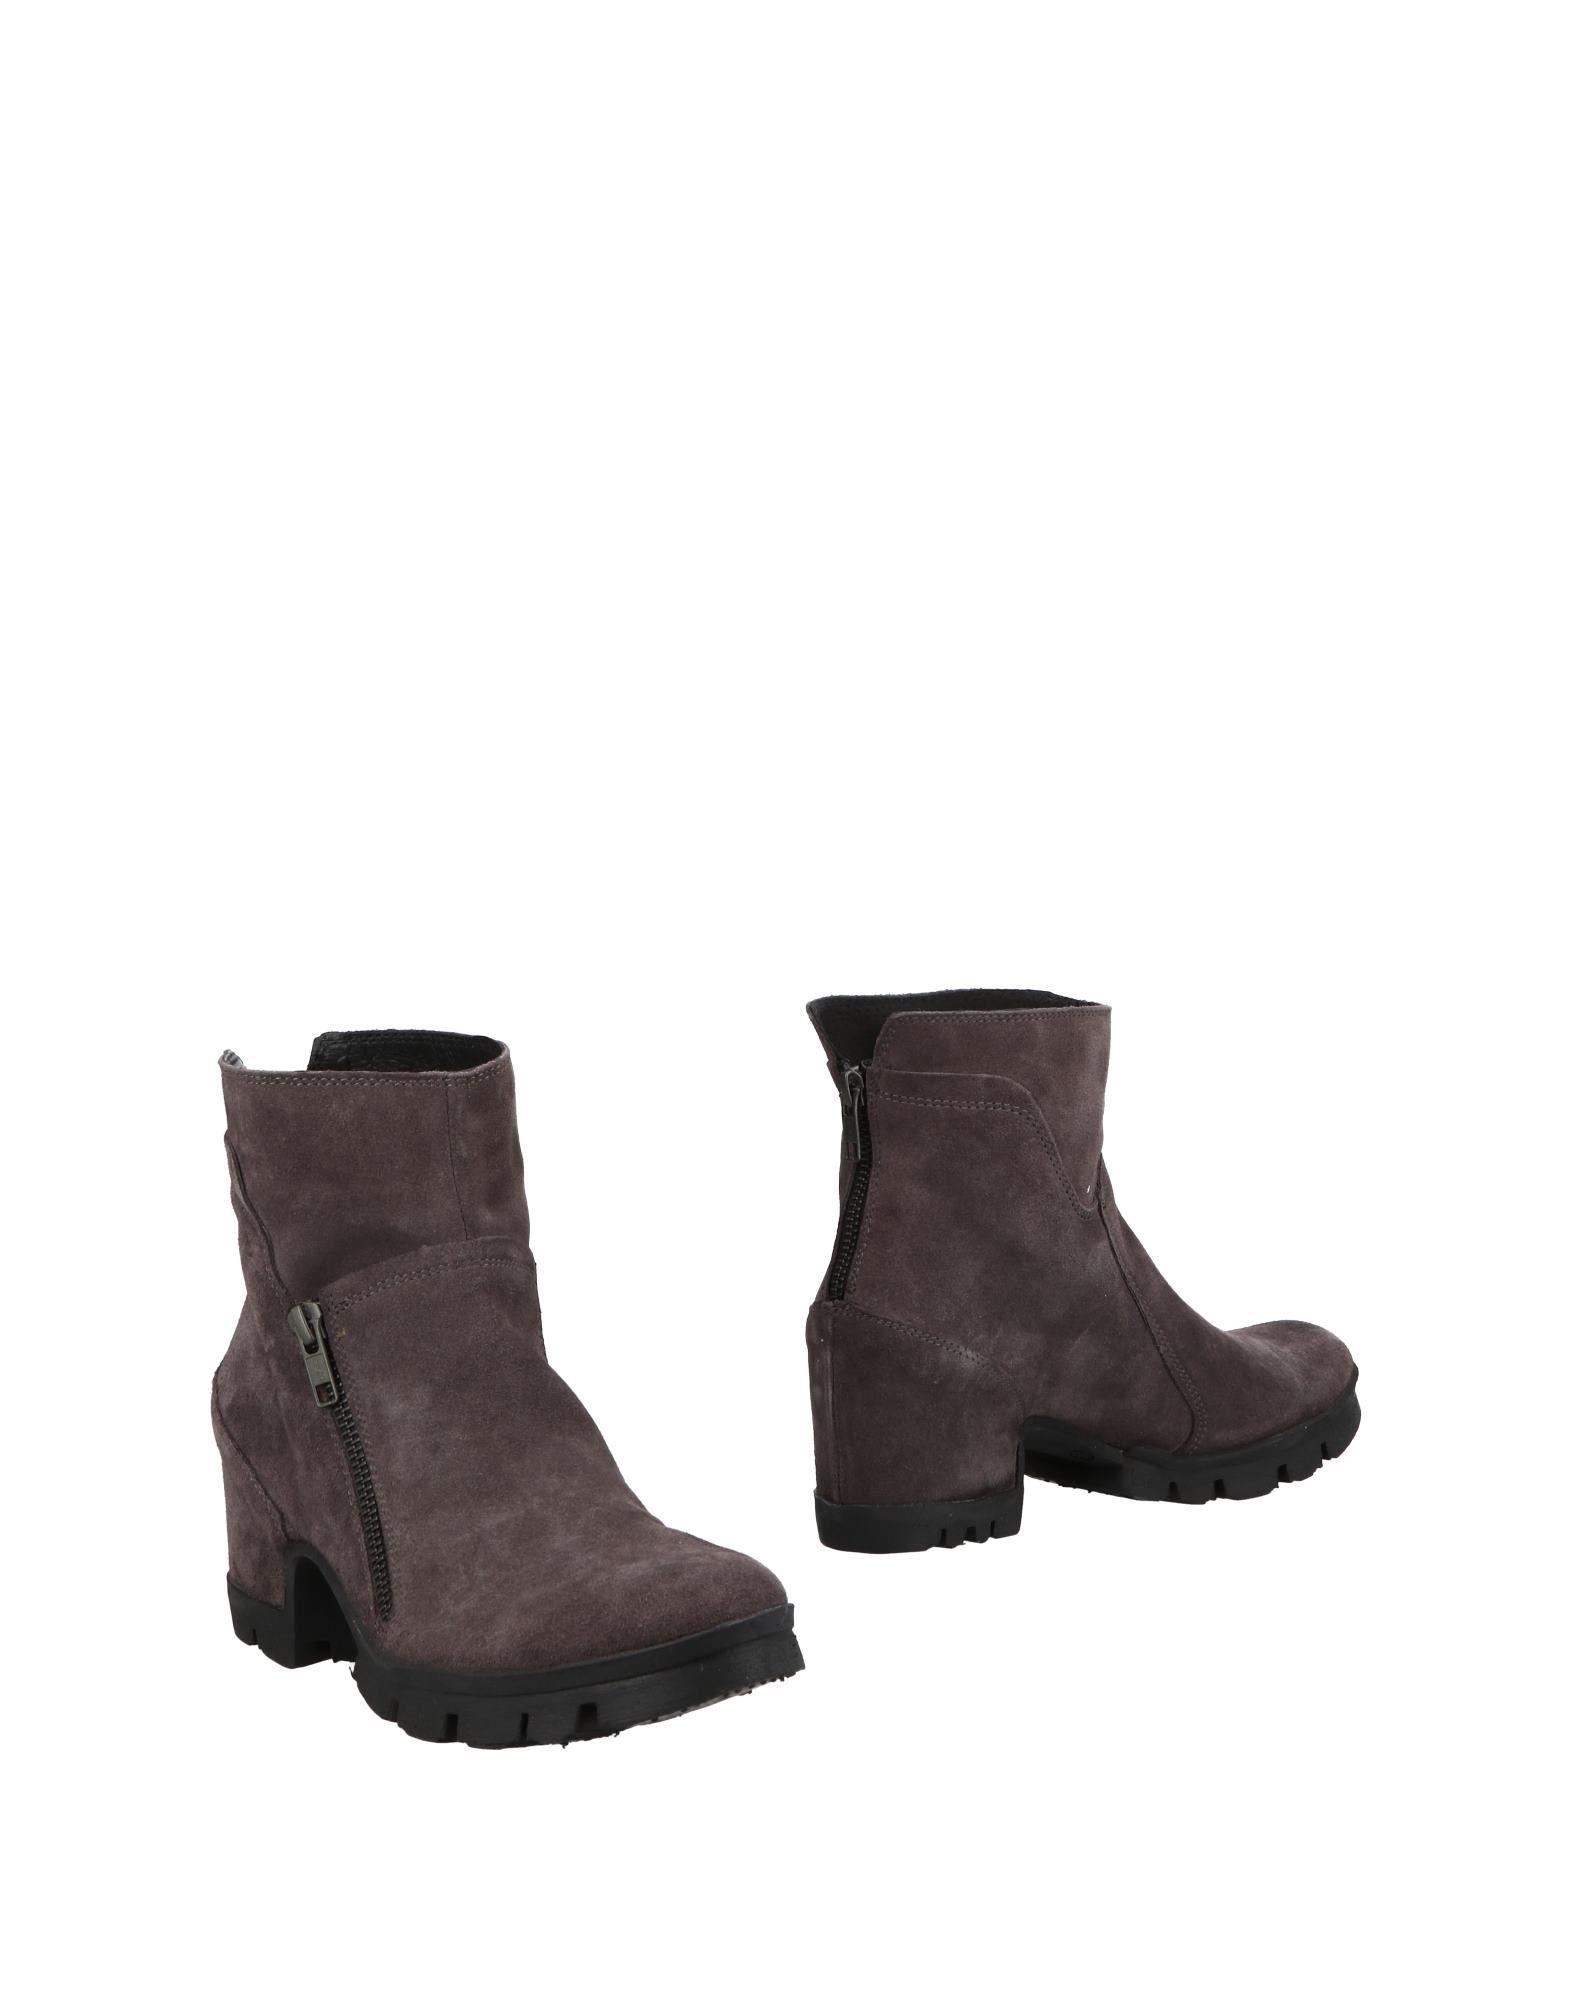 Khrio' Stiefelette Damen  11492458LK Gute Qualität beliebte Schuhe